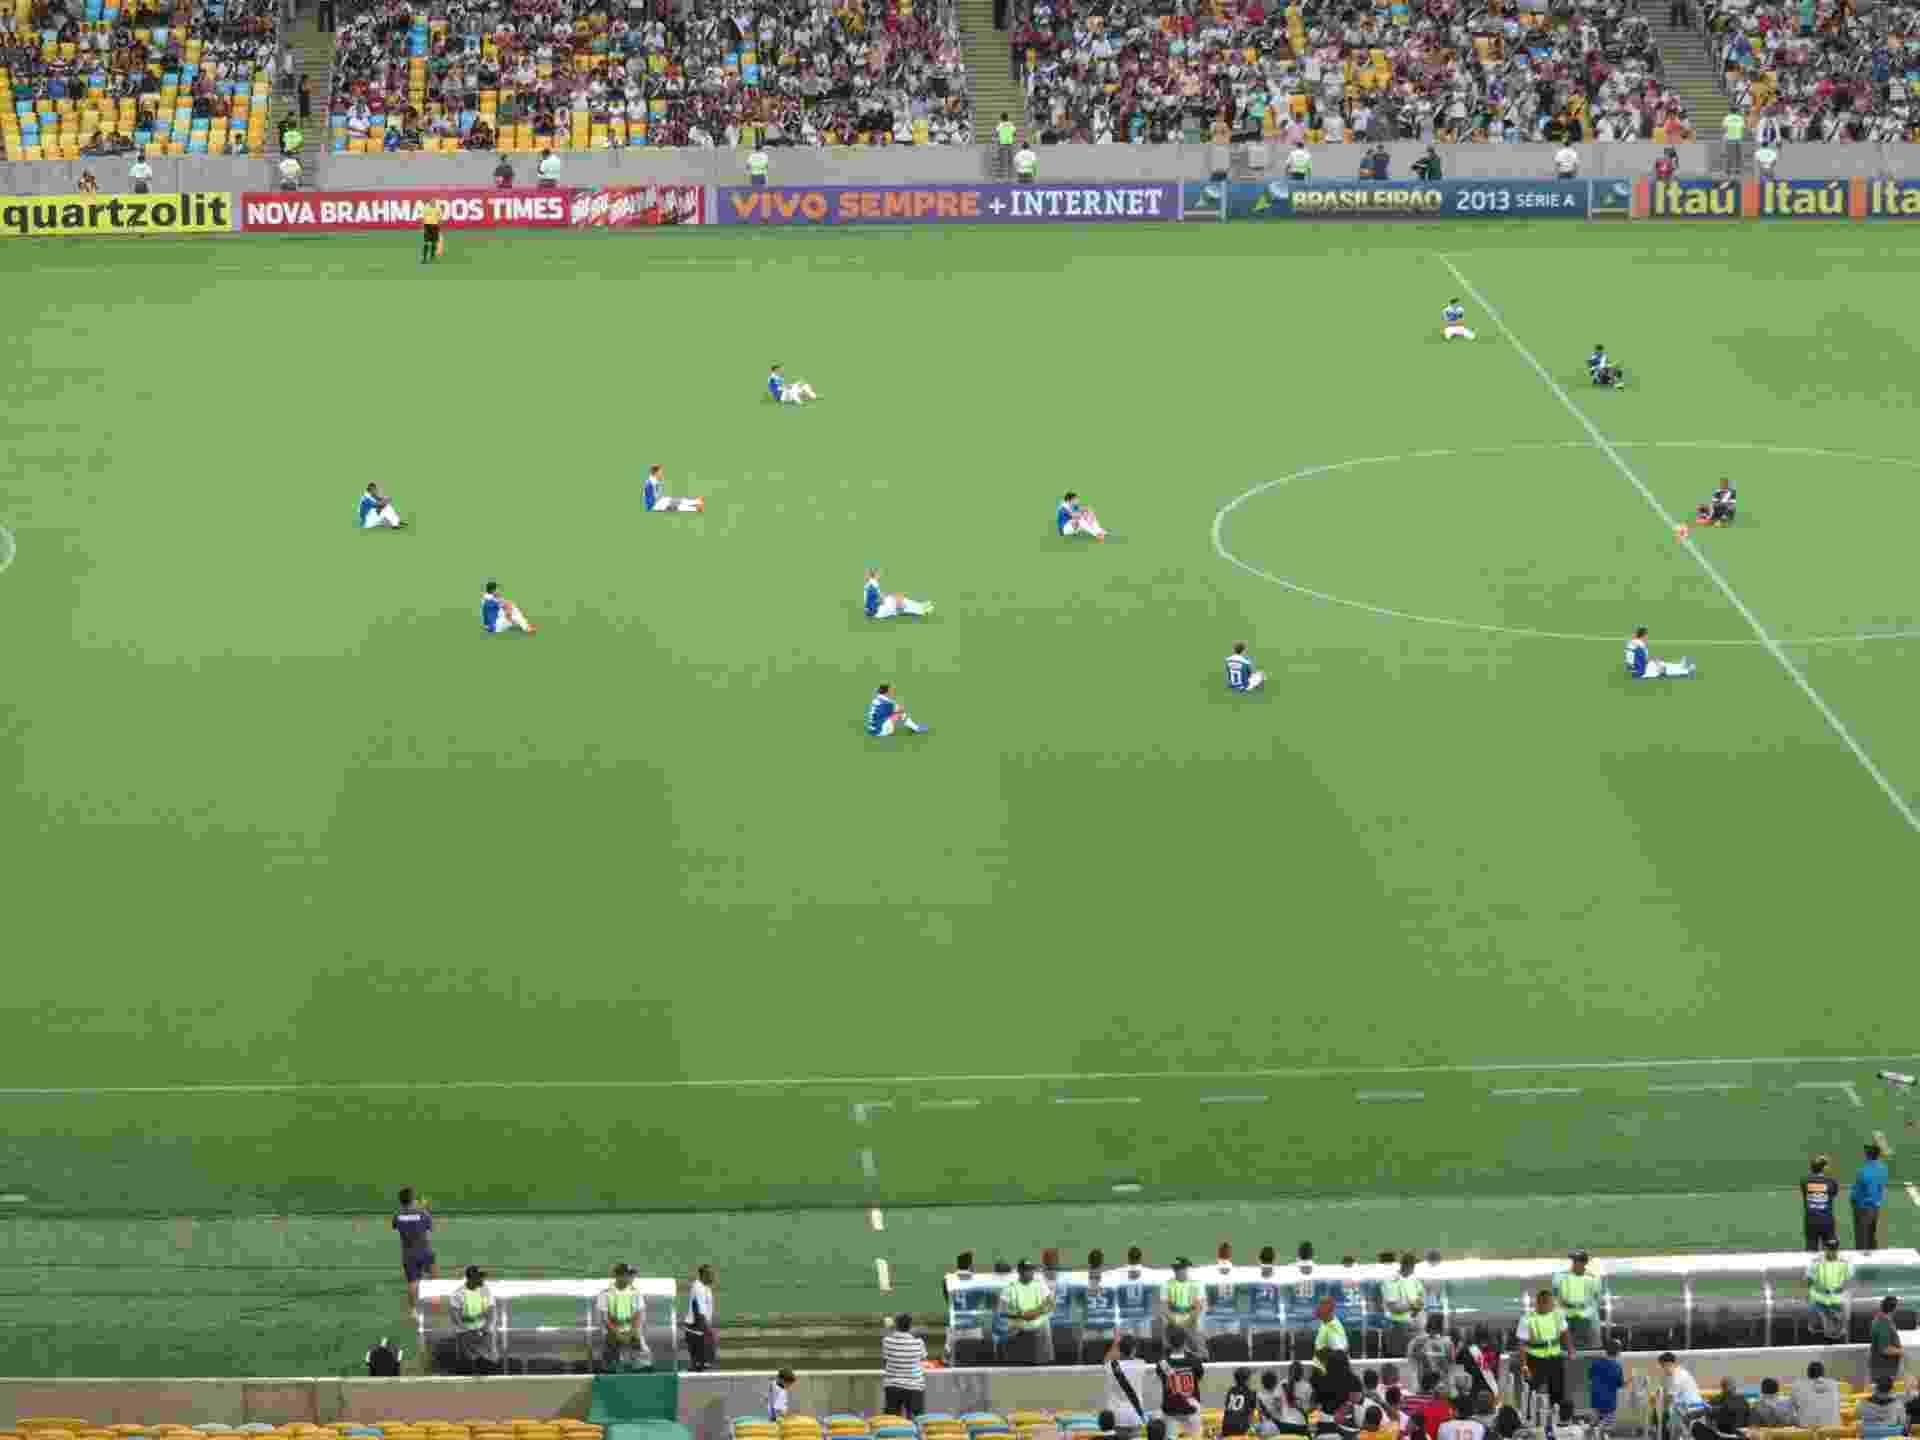 Jogadores de Cruzeiro e Vasco sentam no gramado antes do jogo pelo Brasileirão em mais um protesto do Bom Senso FC (23.nov.2013) - Pedro Ivo de Almeida/UOL